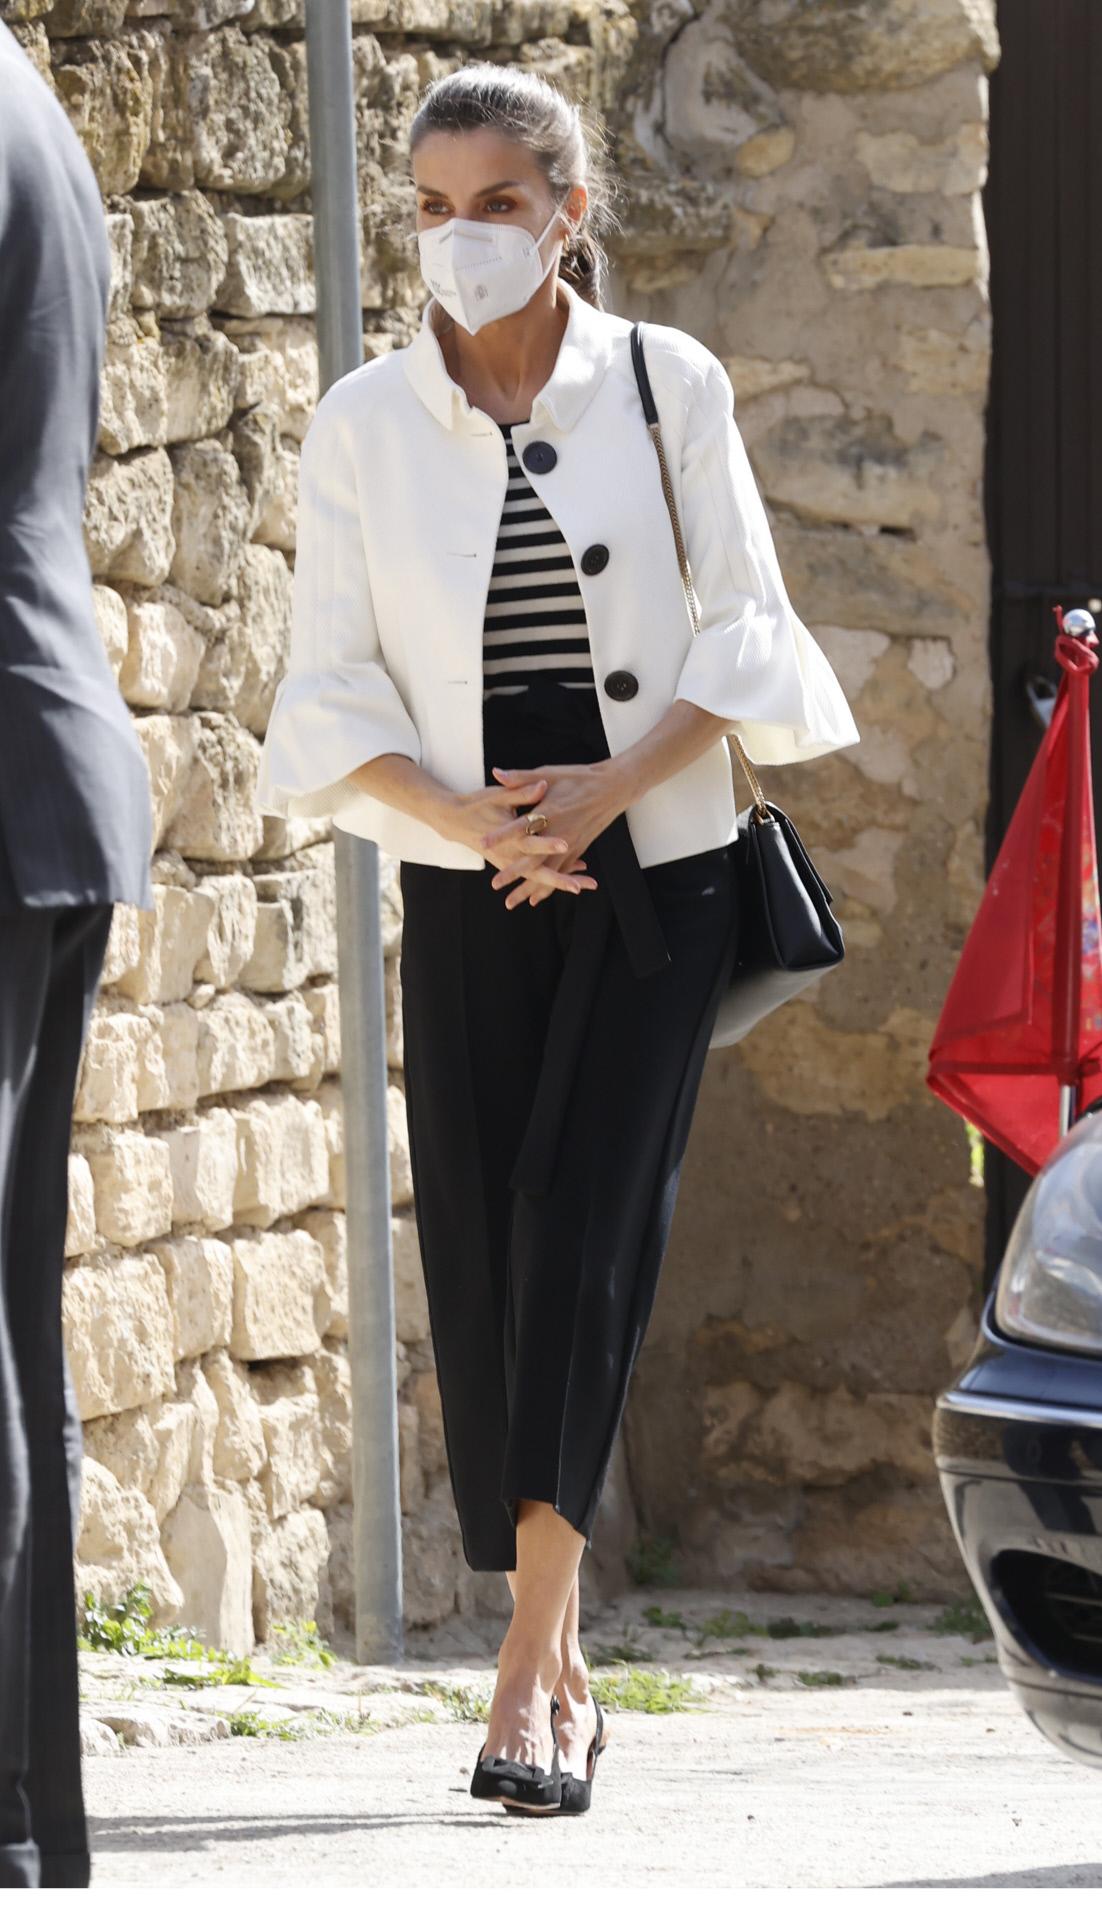 Look de la reina Letizia, con chaqueta de Varela y camiseta de rayas.